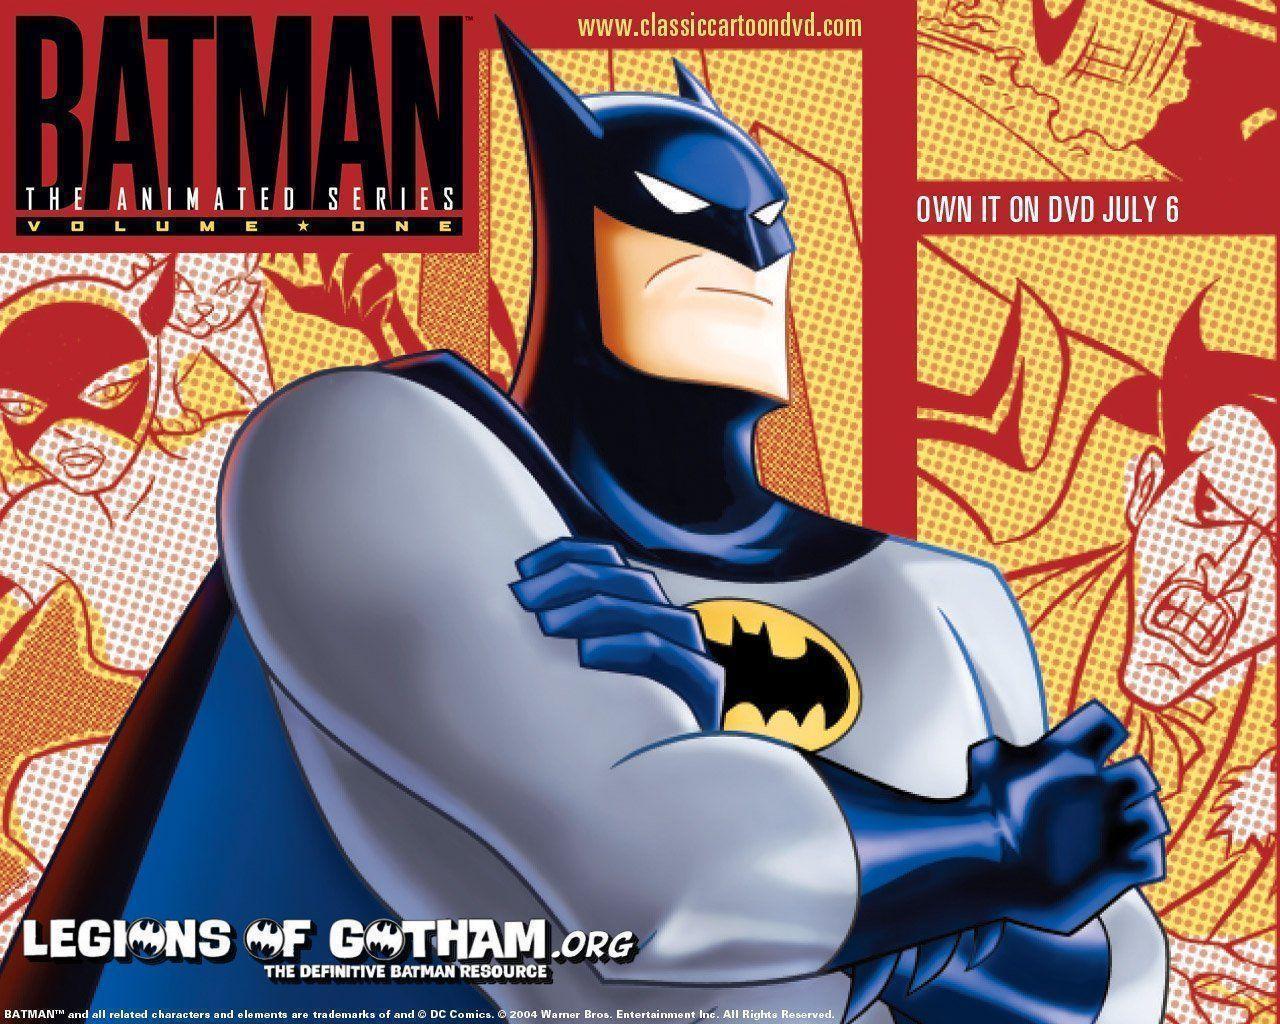 Batman Cartoon Wallpapers Wallpaper Cave